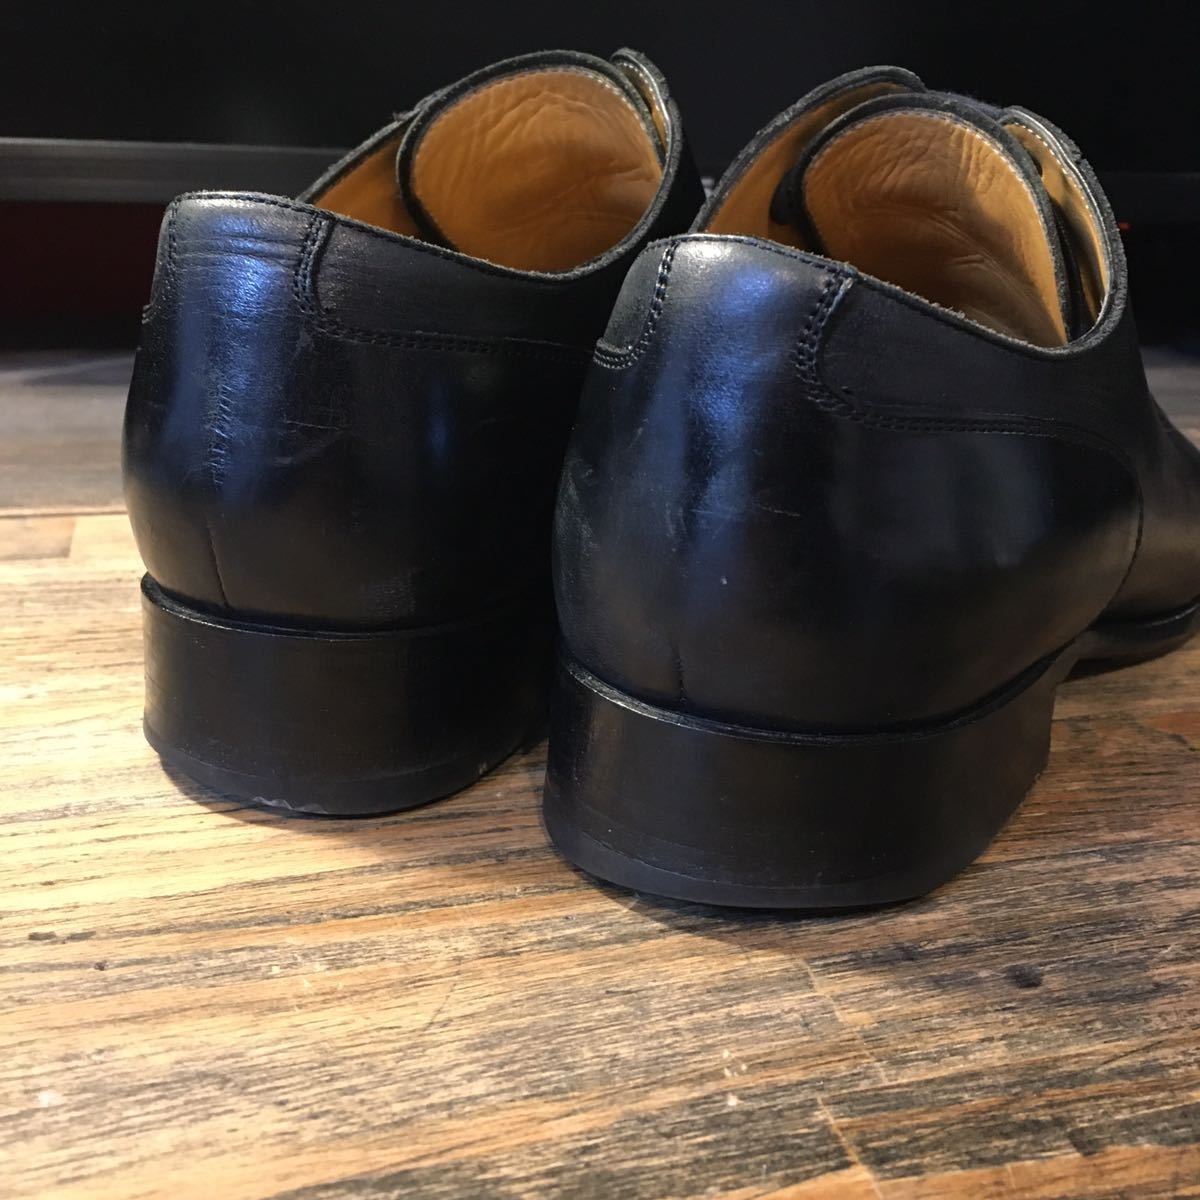 JOHNSTON&MURPHY ジョンストン&マーフィー 革靴 ビジネスシューズ 黒 本革 レザーシューズ ドレスシューズ ビブラムソール vibram_画像8